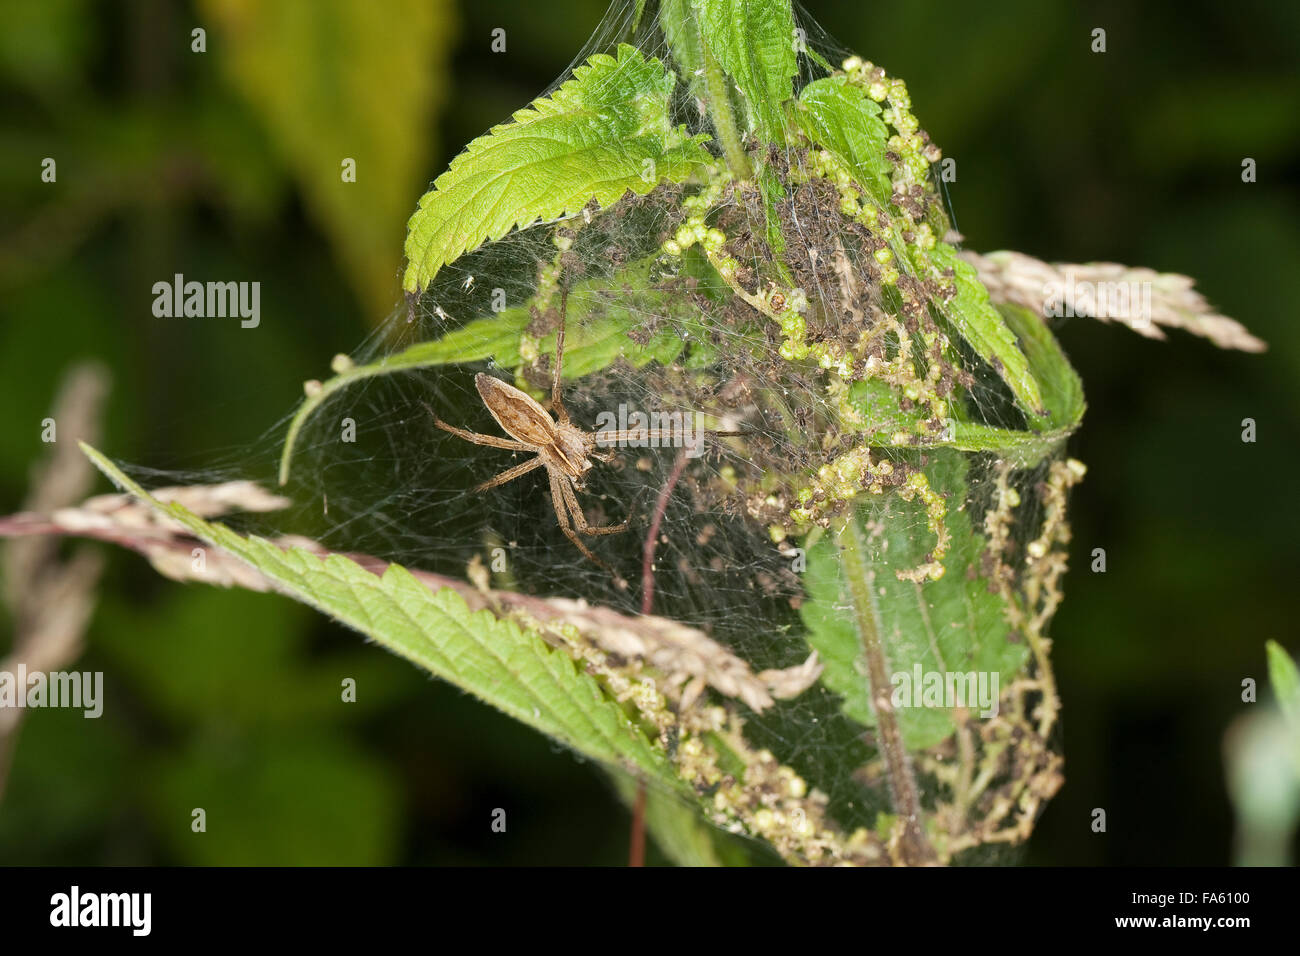 Fantastic fishing spider, Nursery web spider, Listspinne, List-Spinne, Raubspinne, Brautgeschenkspinne, Pisaura - Stock Image